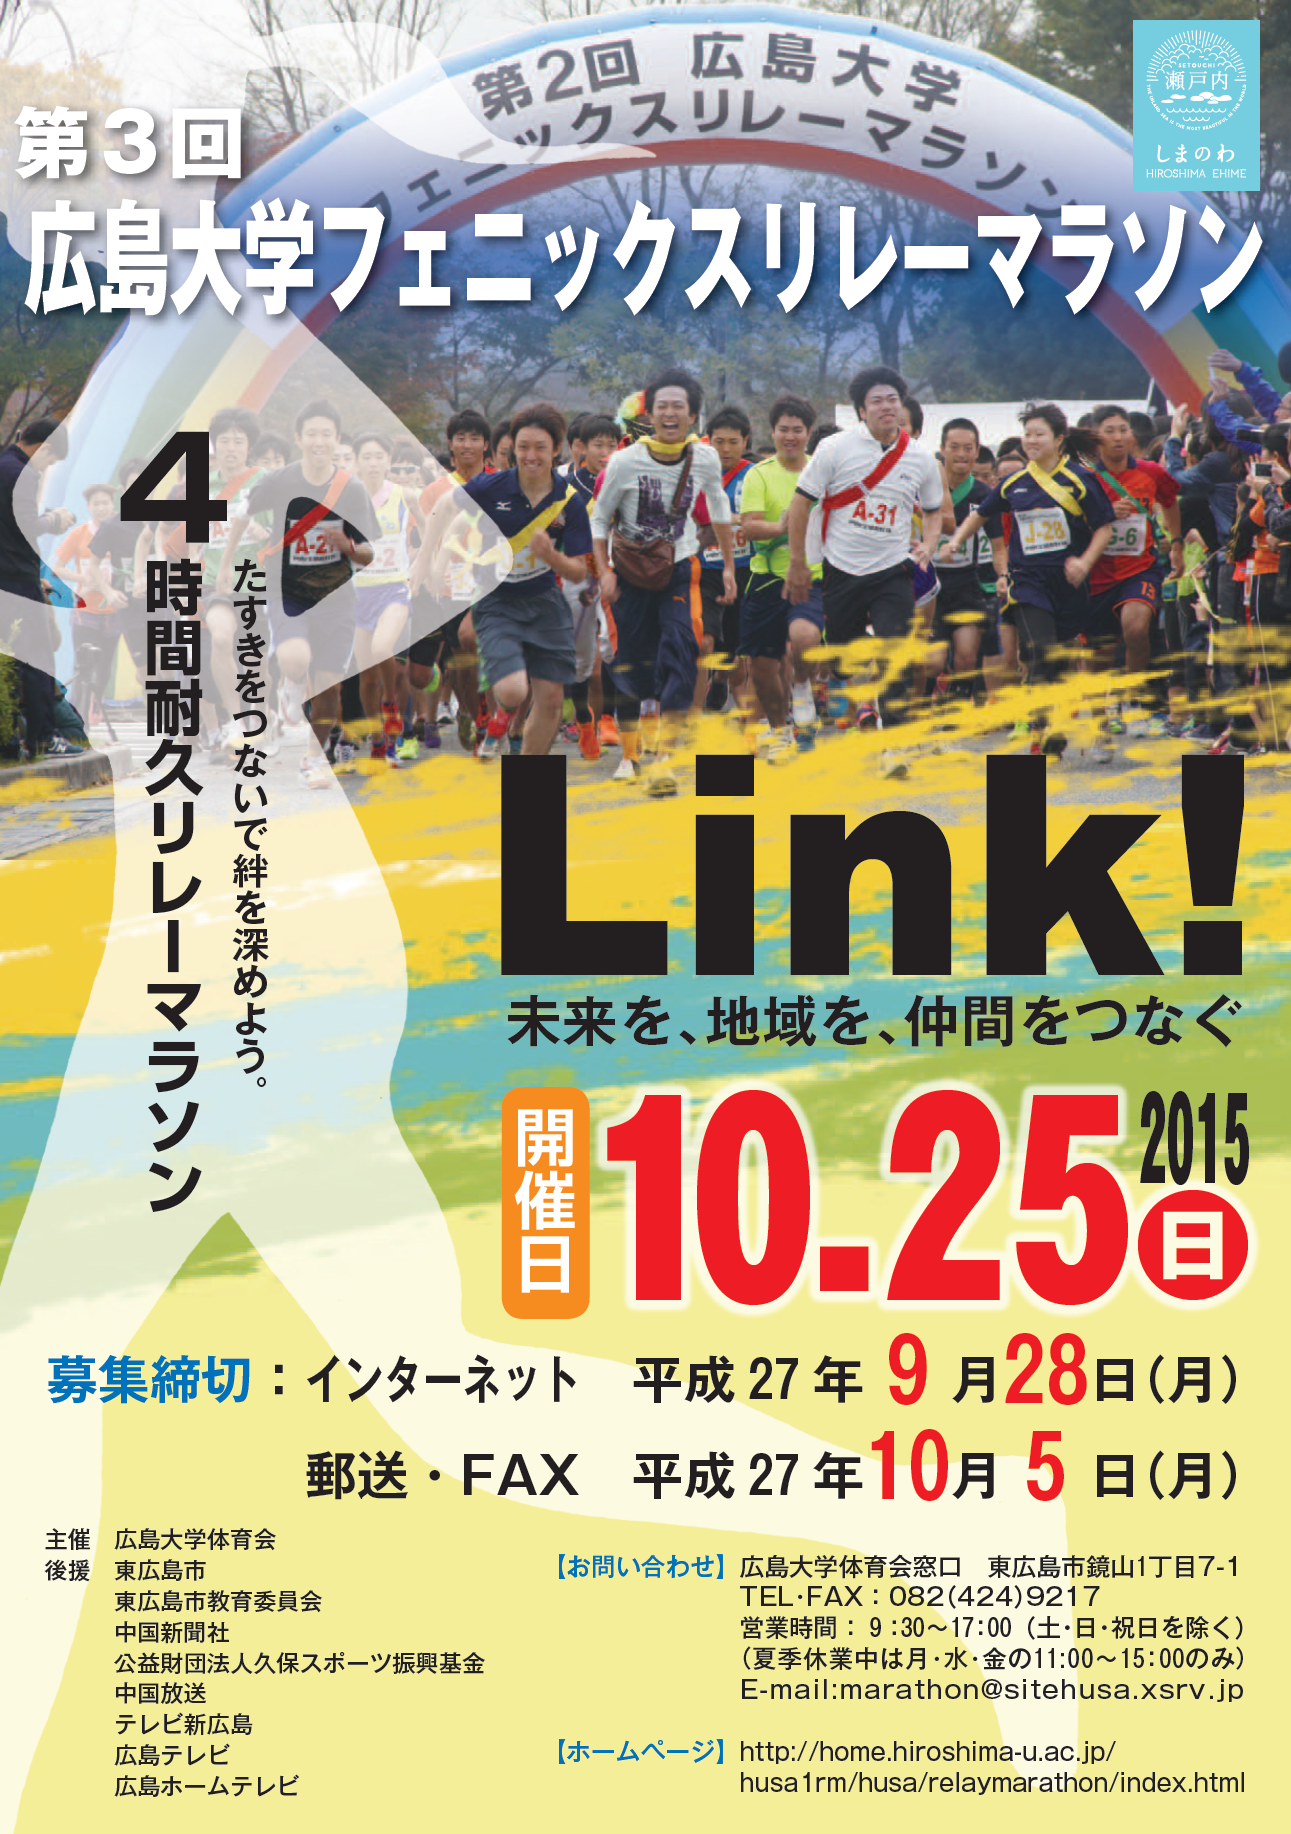 たすきをつないで絆を深めよう!第3回広島大学フェニックスリレーマラソン参加者募集中!! 【広島大学体育会】